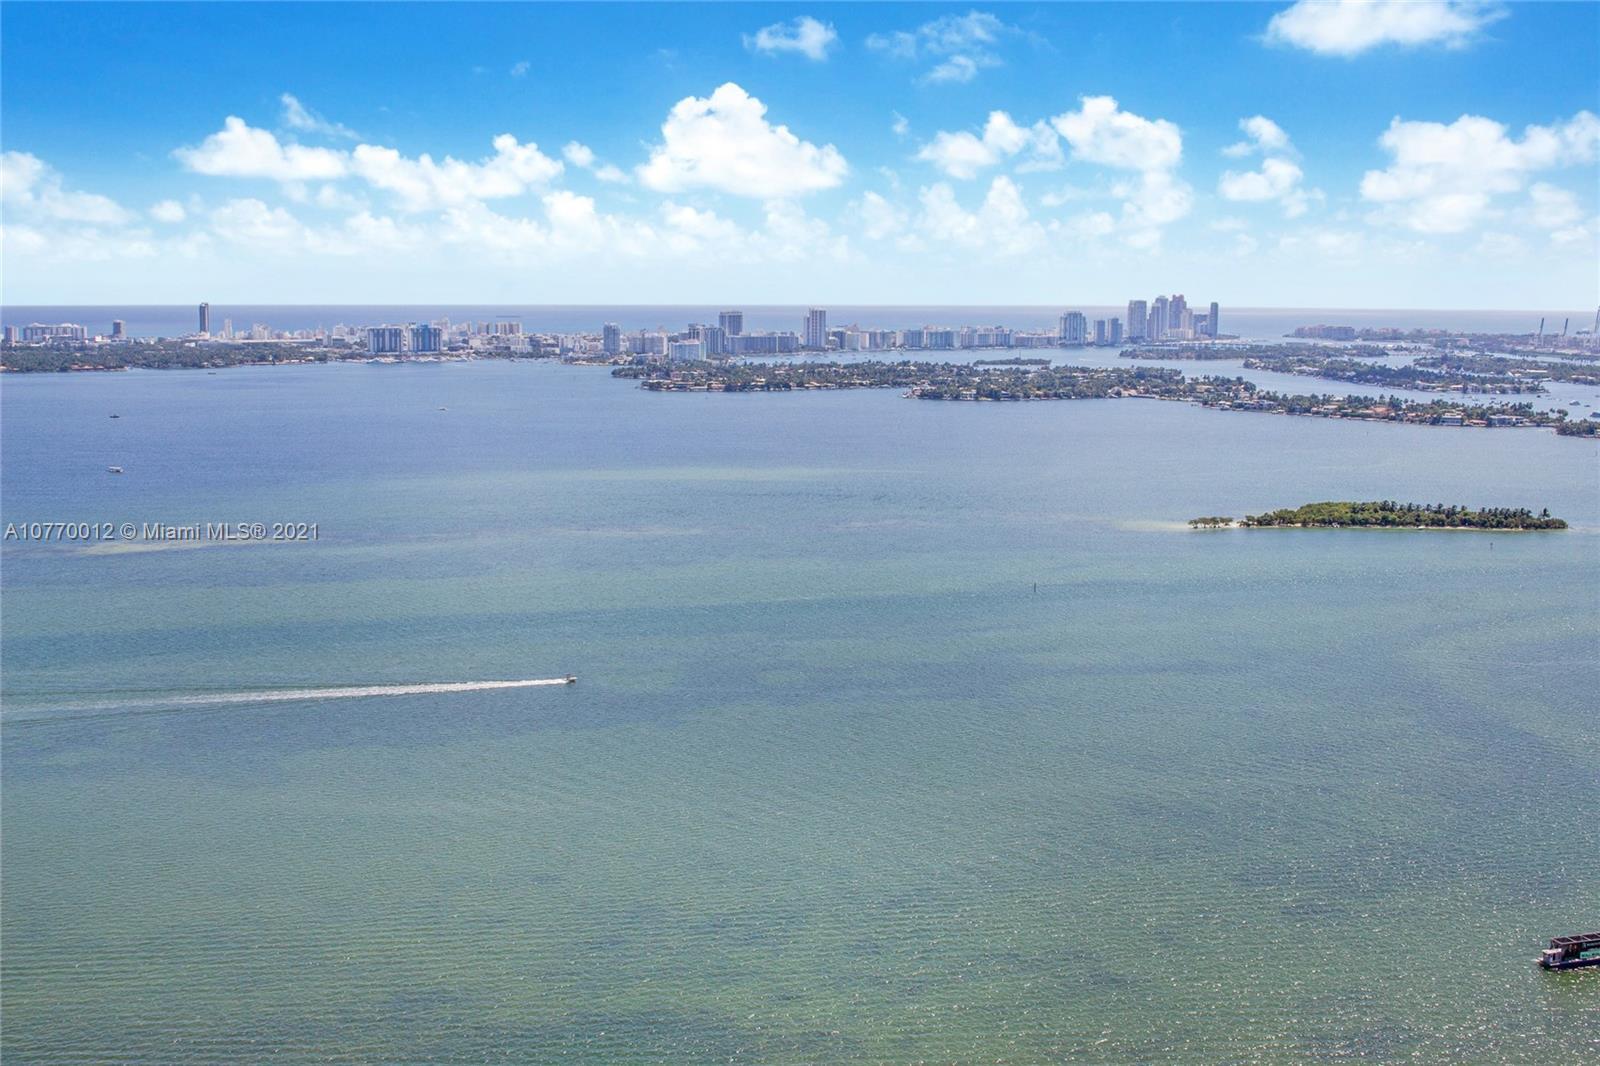 650 NE 32nd St PH 5004, Miami, FL 33137